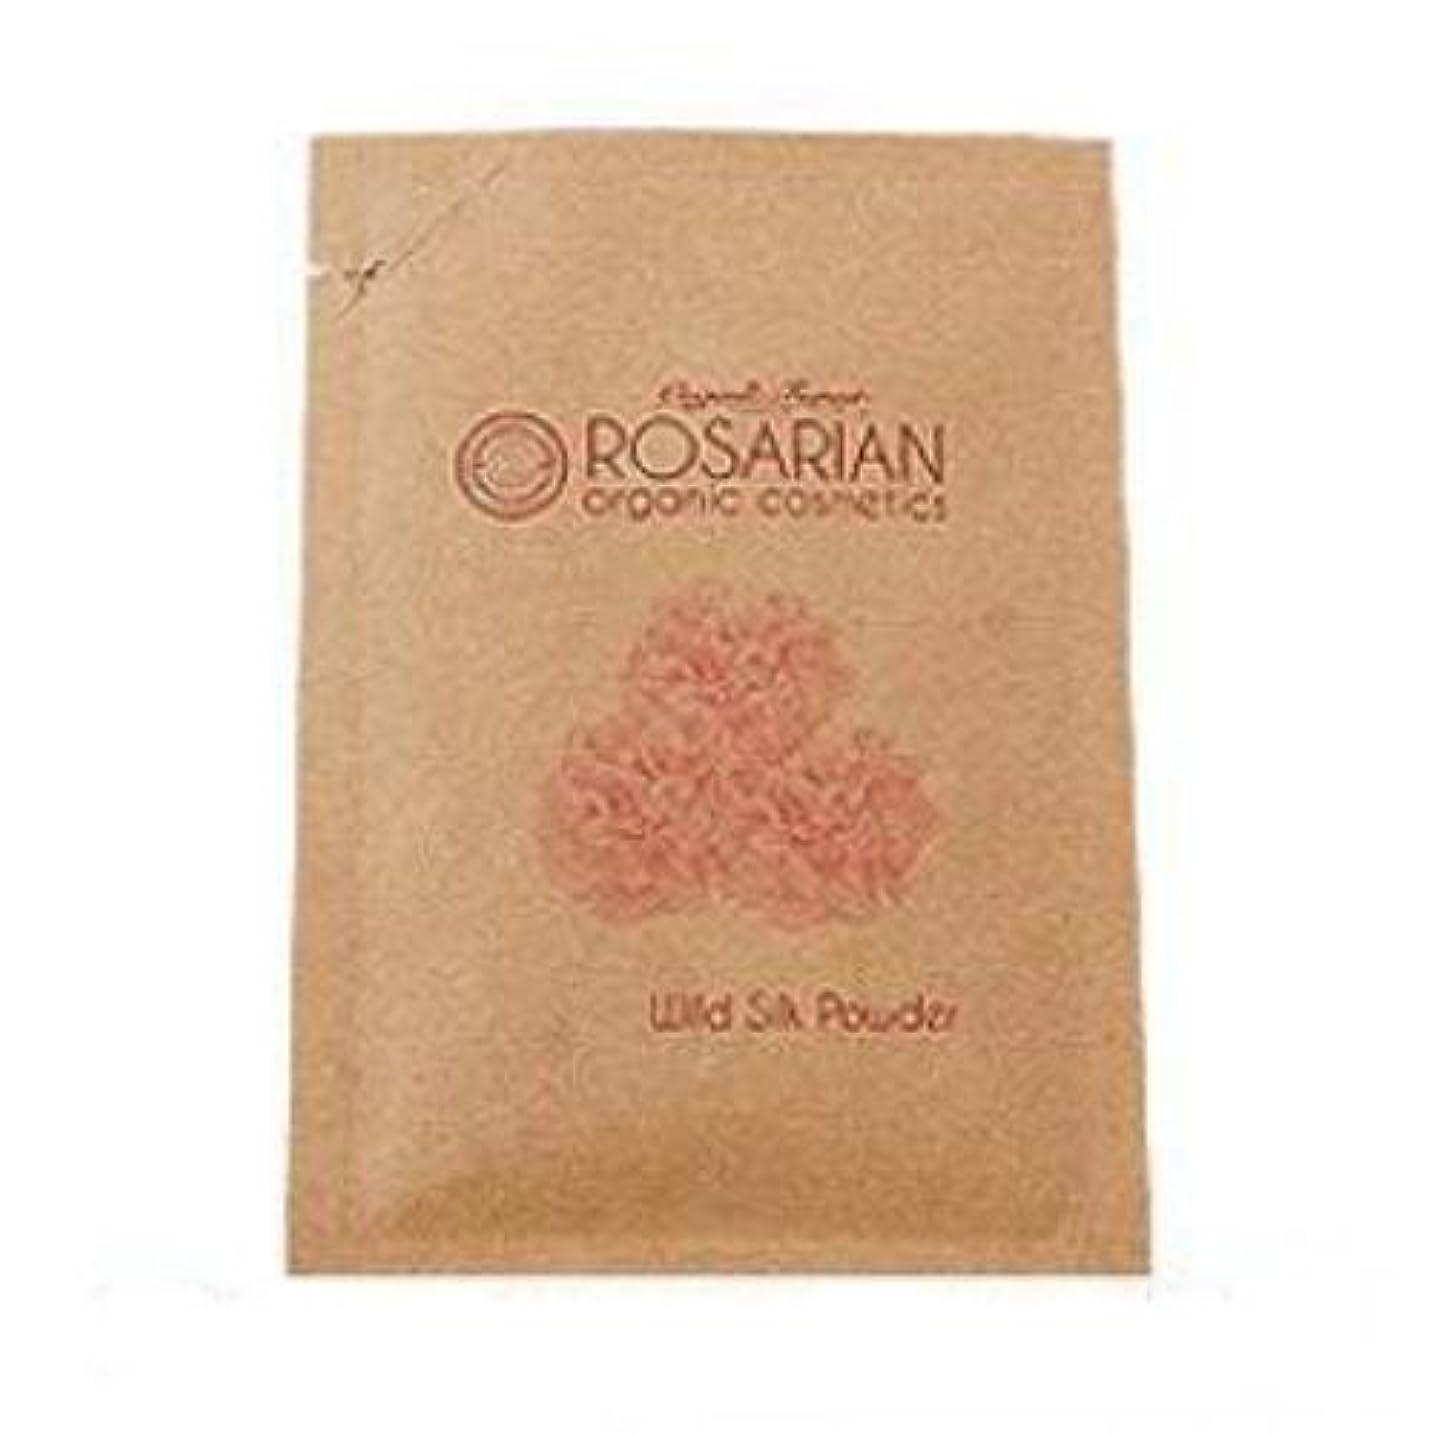 ホール辞書緊張するロザリアン ワイルドシルクパウダー詰替用 4g